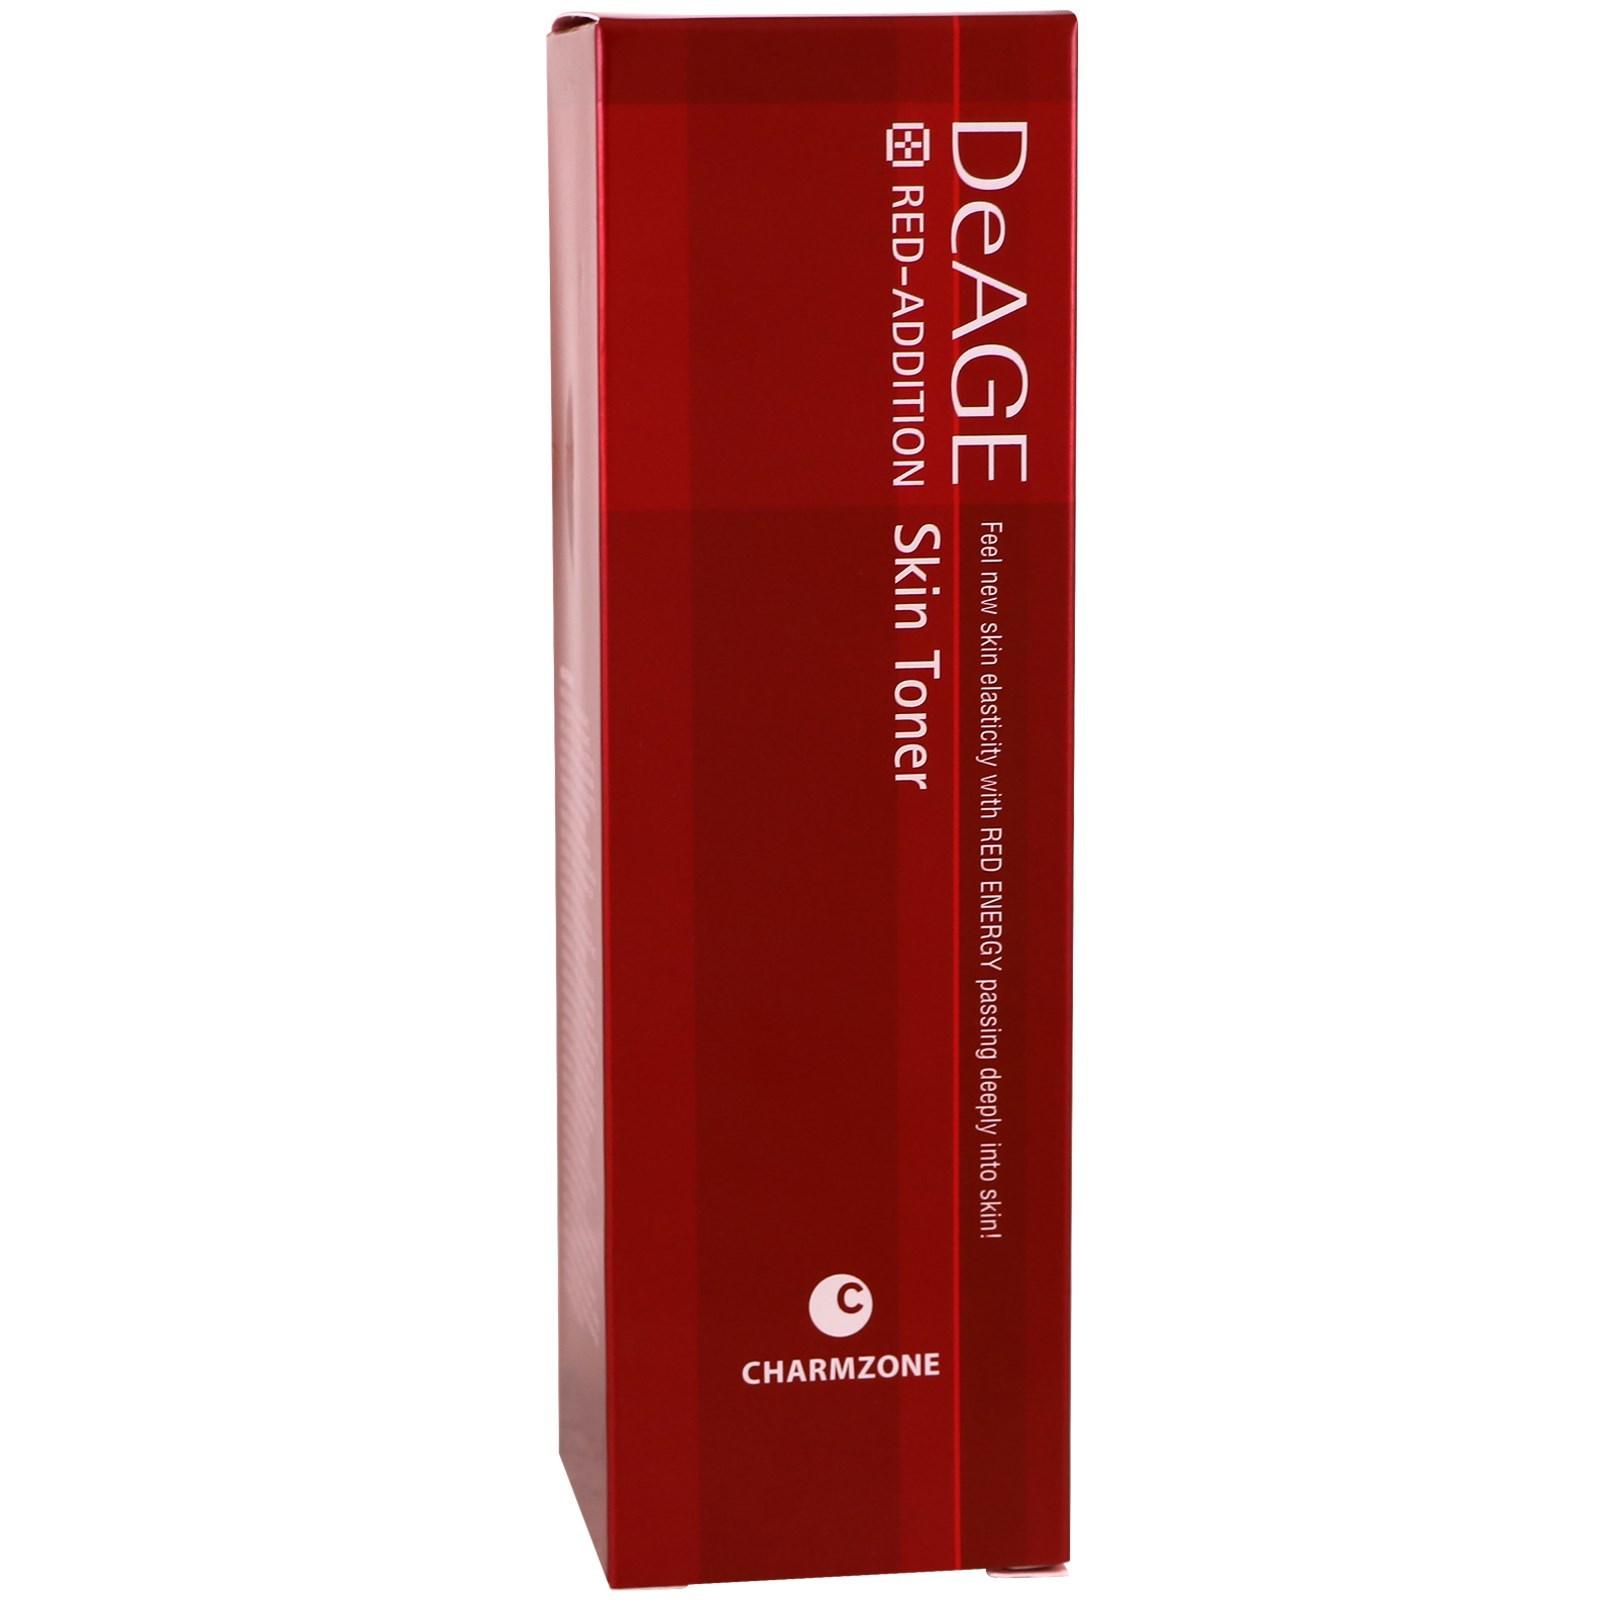 Charmzone, DeAge, красная добавка, тоник для кожи, 4,39 жидких унции (130 мл)